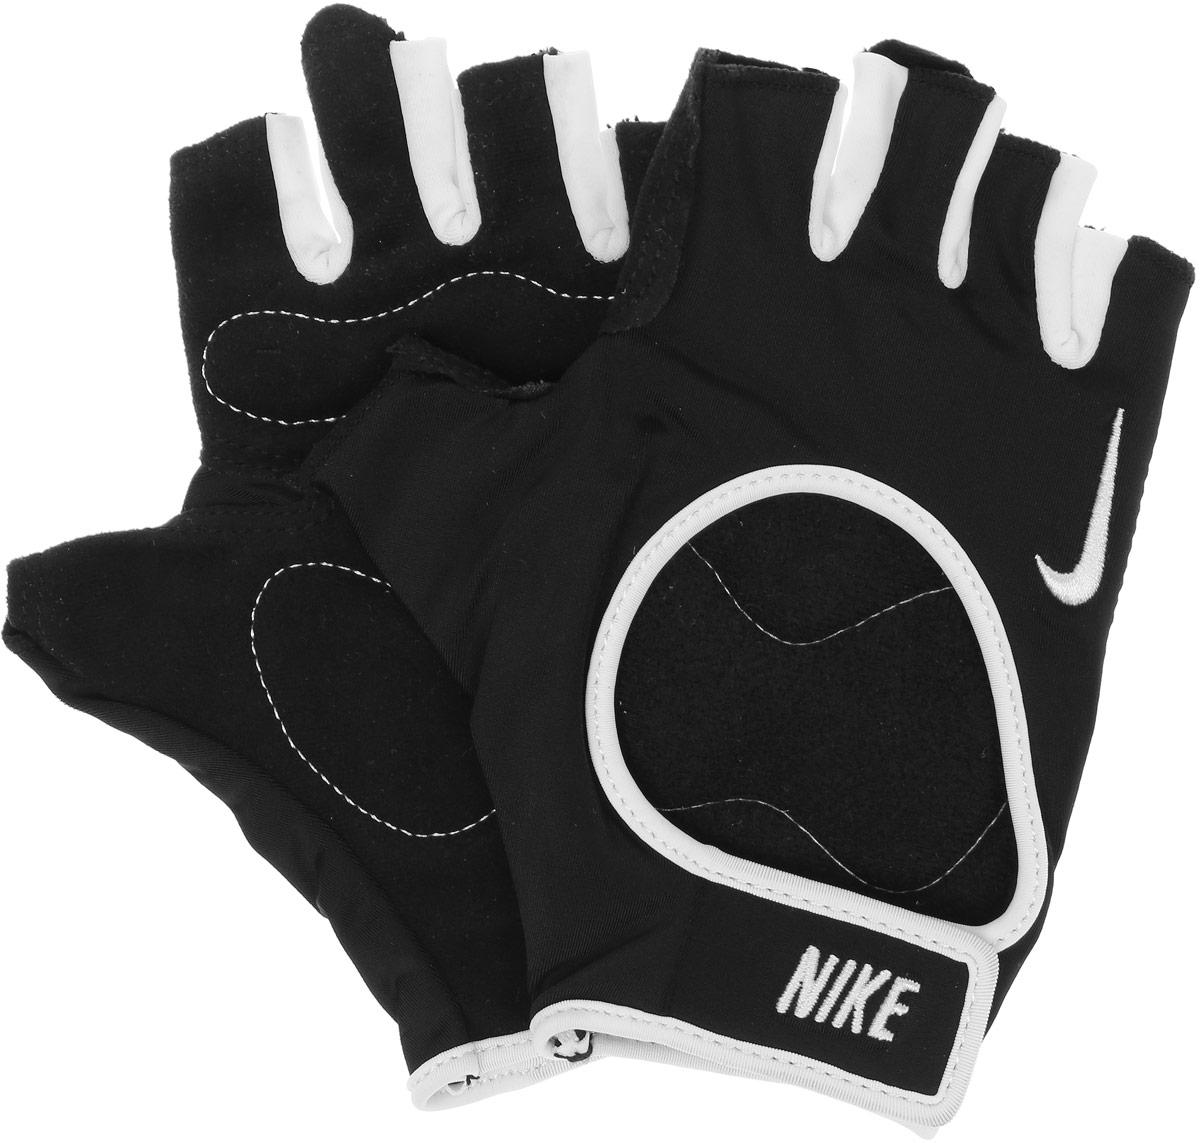 Перчатки для фитнеса женские Nike, цвет: черный, белый. Размер L - Одежда, экипировка